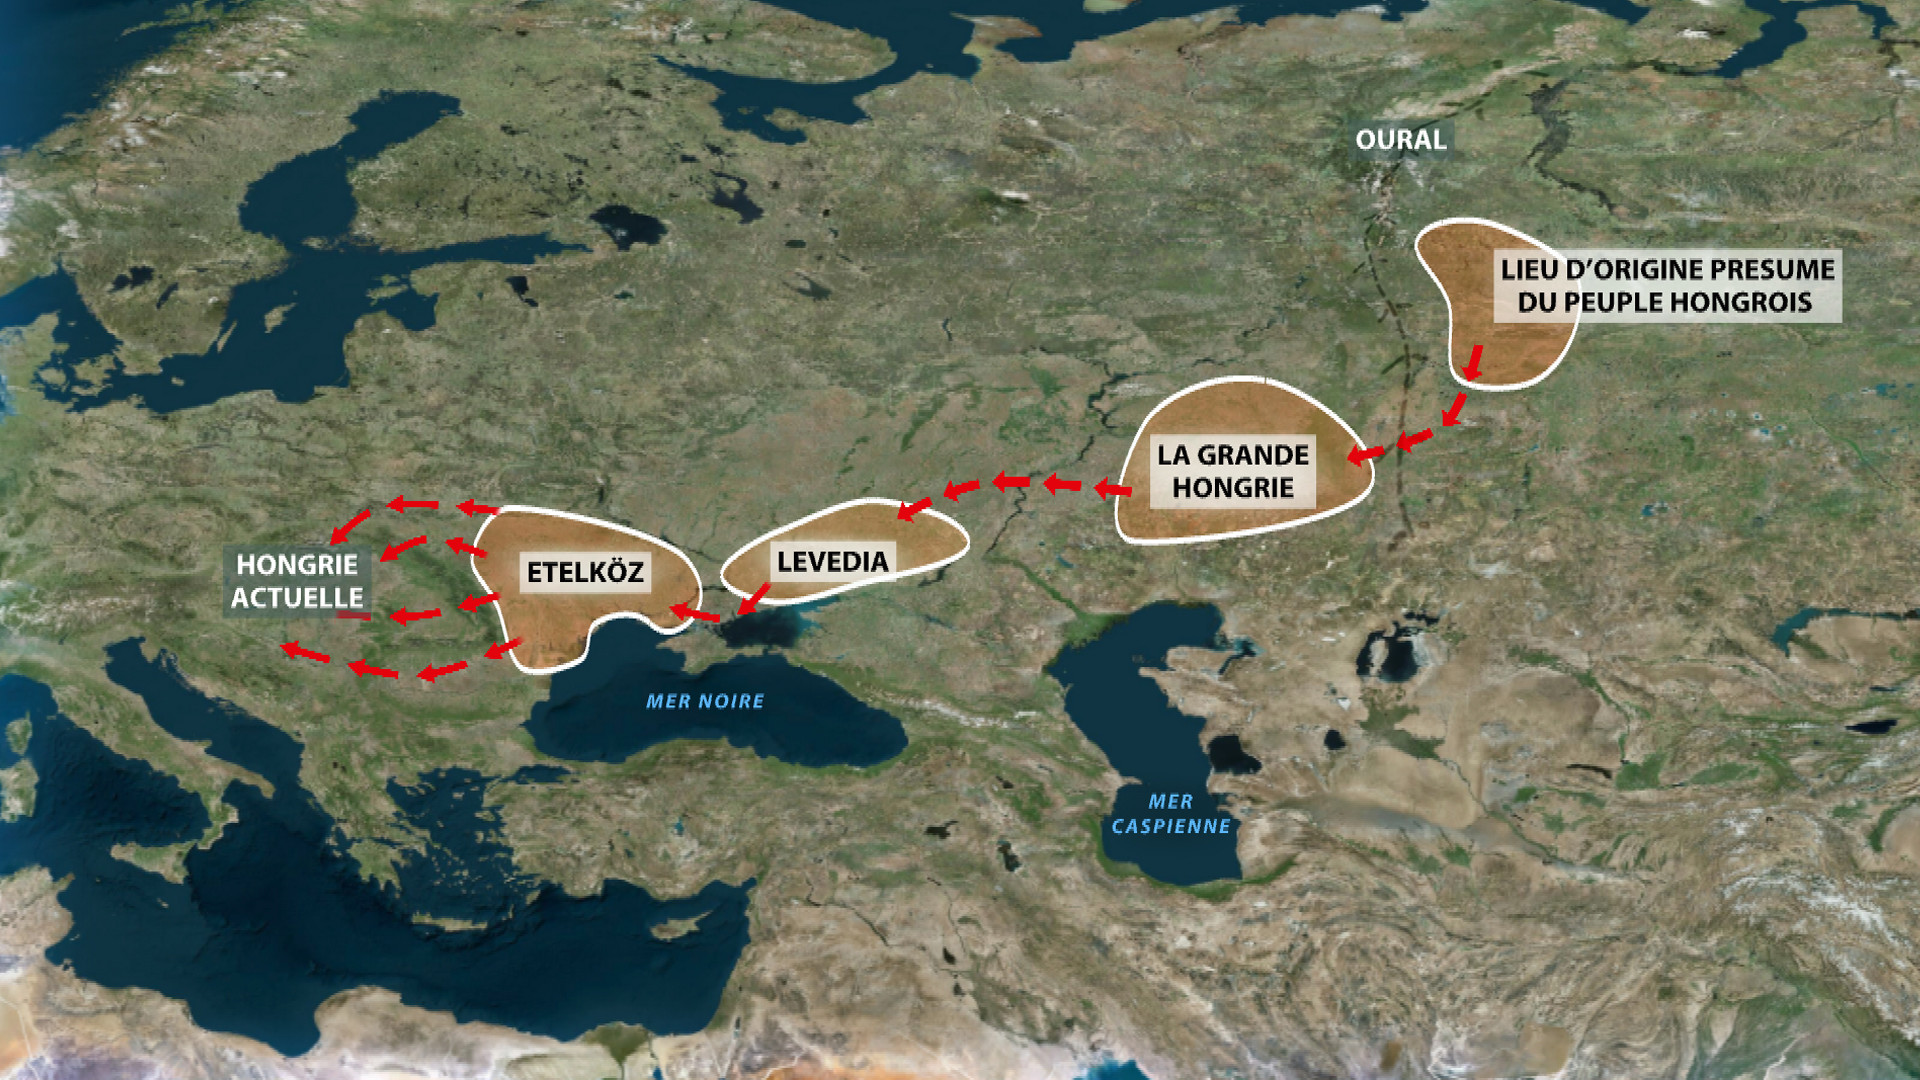 L'Europe, terre d'immigration depuis toujours?